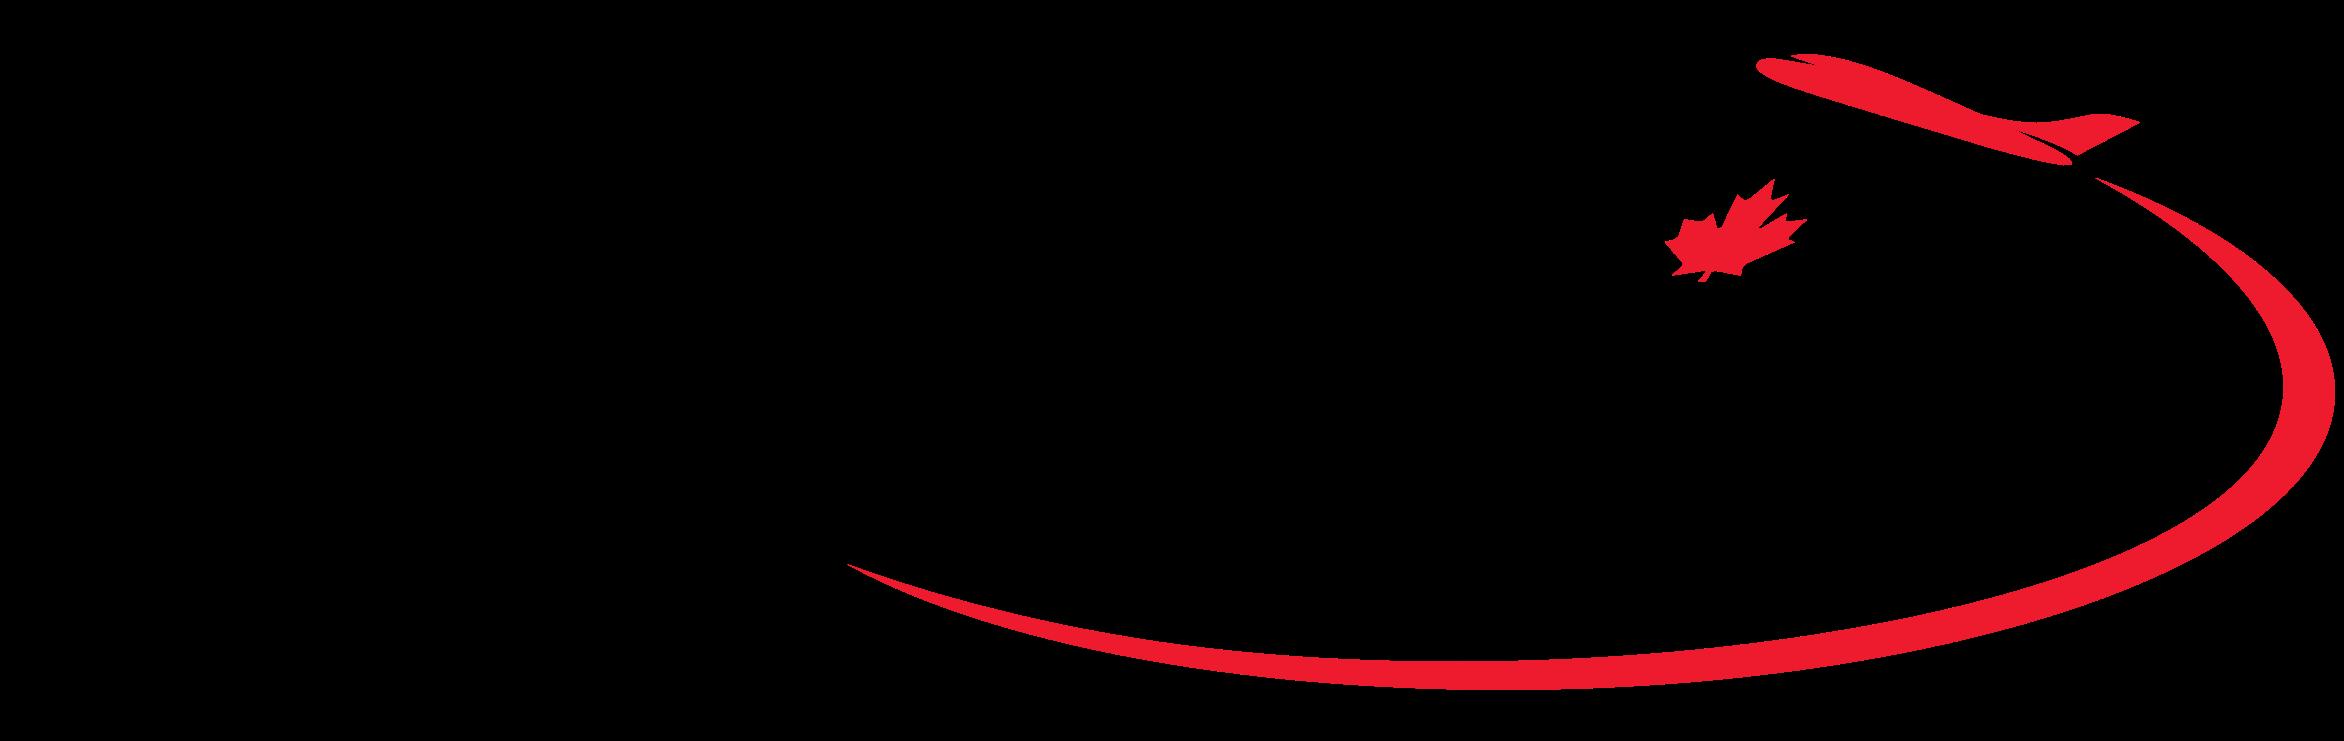 AW-Cargojet_Isologotype